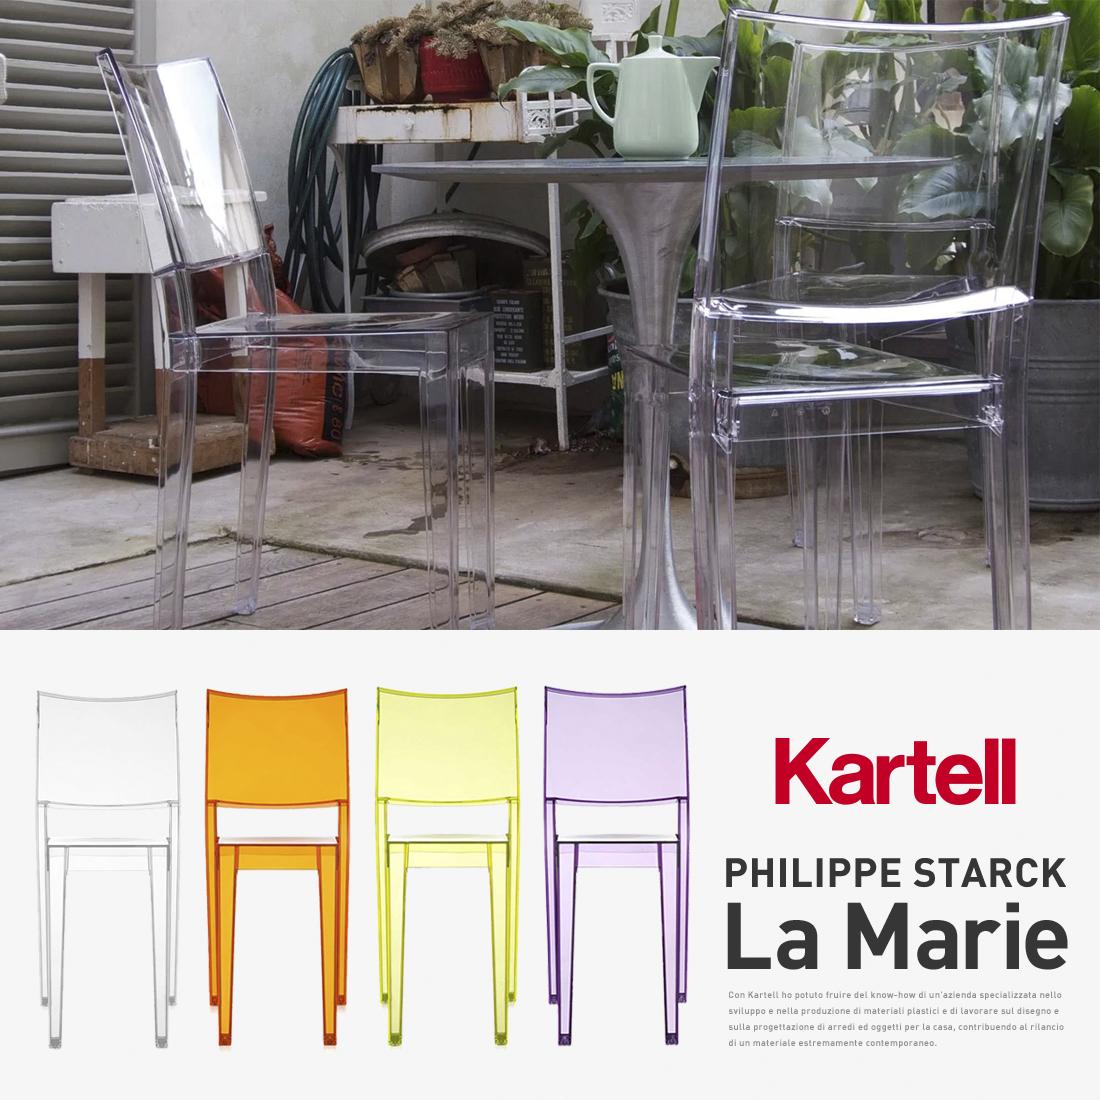 【kartell/カルテル】La Marie ラマリー PHILIPPE STARCKダイニングチェア フィリップ・スタルク SFCH-K4850 椅子 4本足